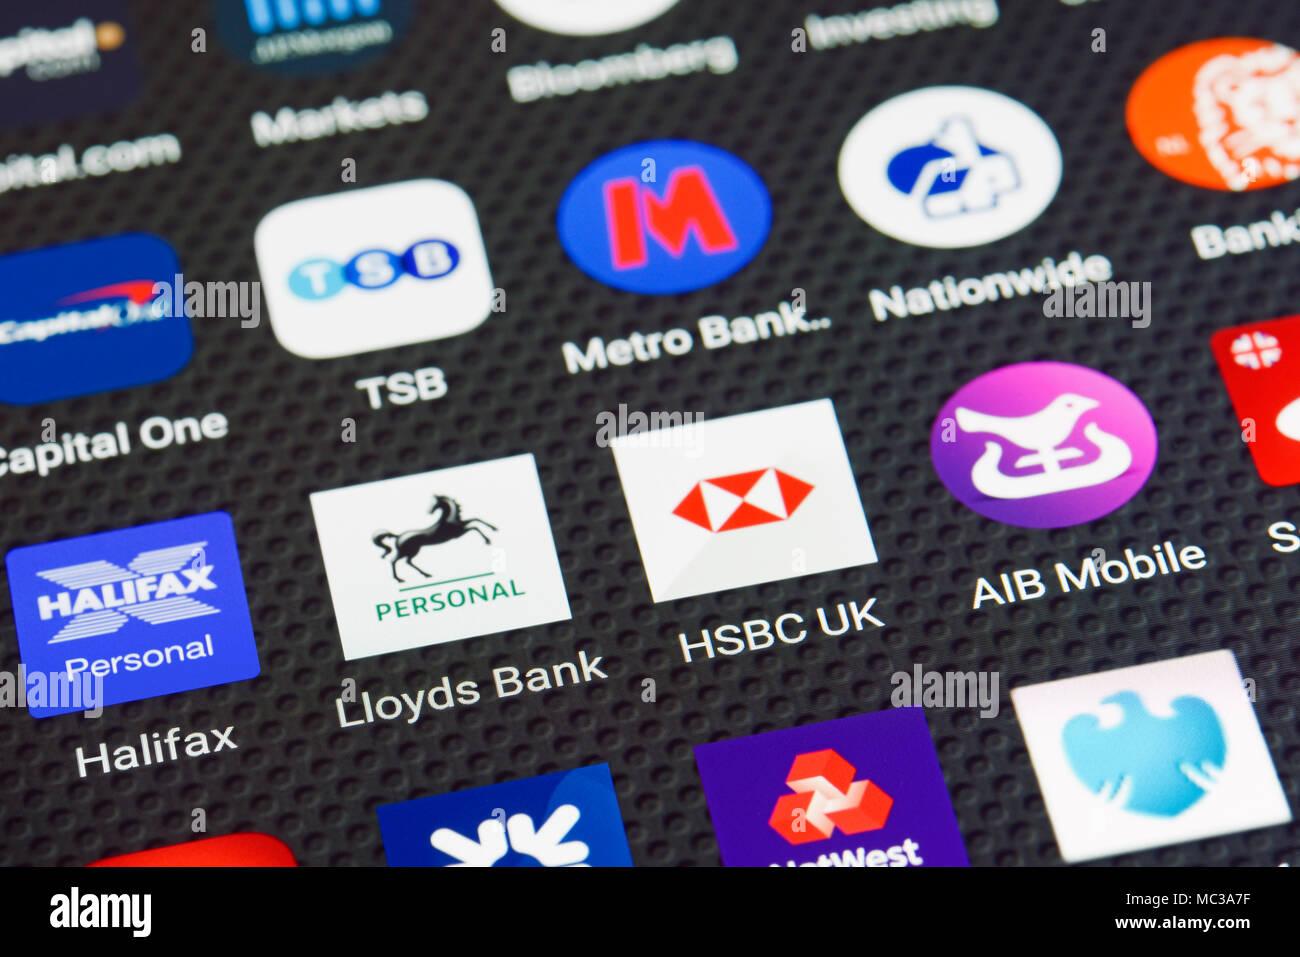 Iconos de aplicación bancaria en un smartphone Imagen De Stock